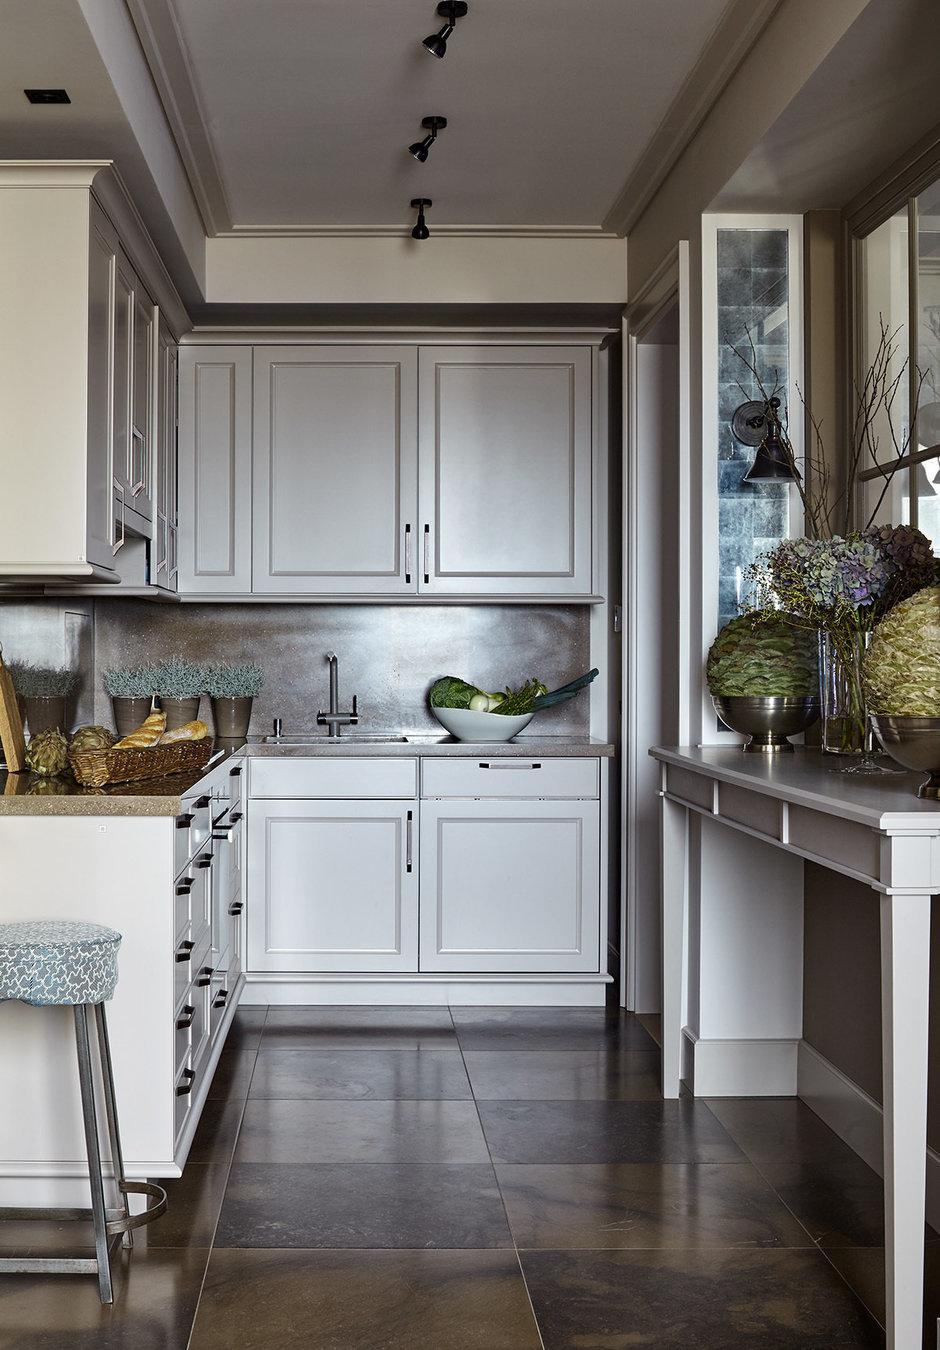 дизайн маленькой кухни 5 кв м фото